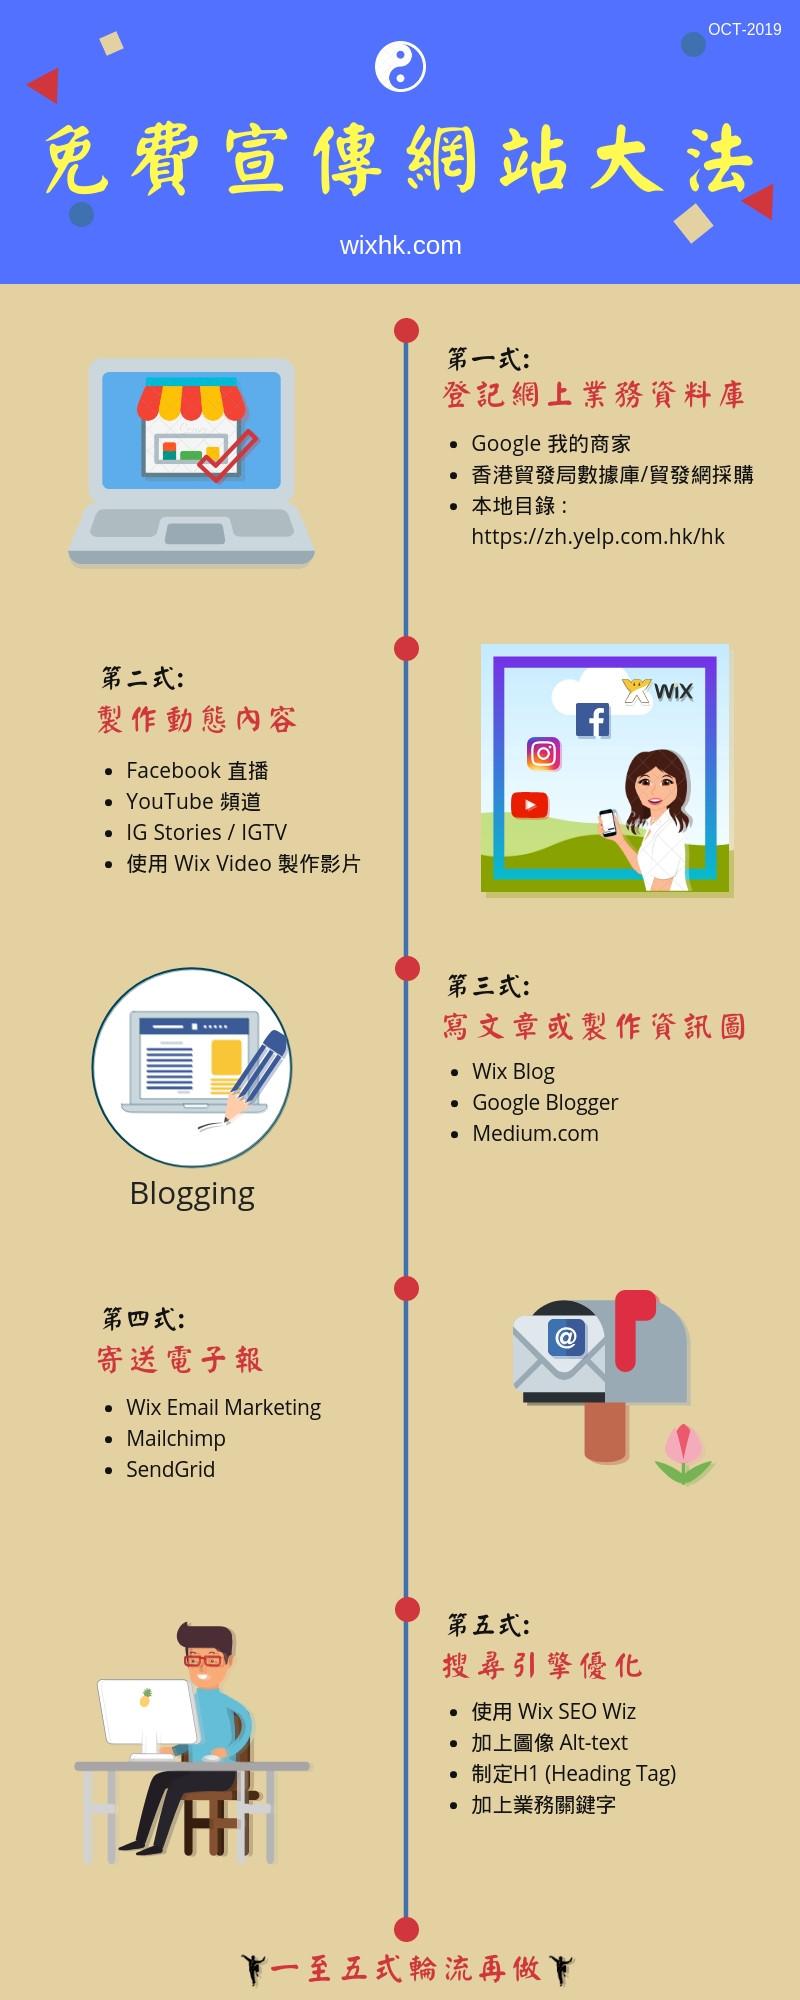 免費網站宣傳大法 - wixhk.com